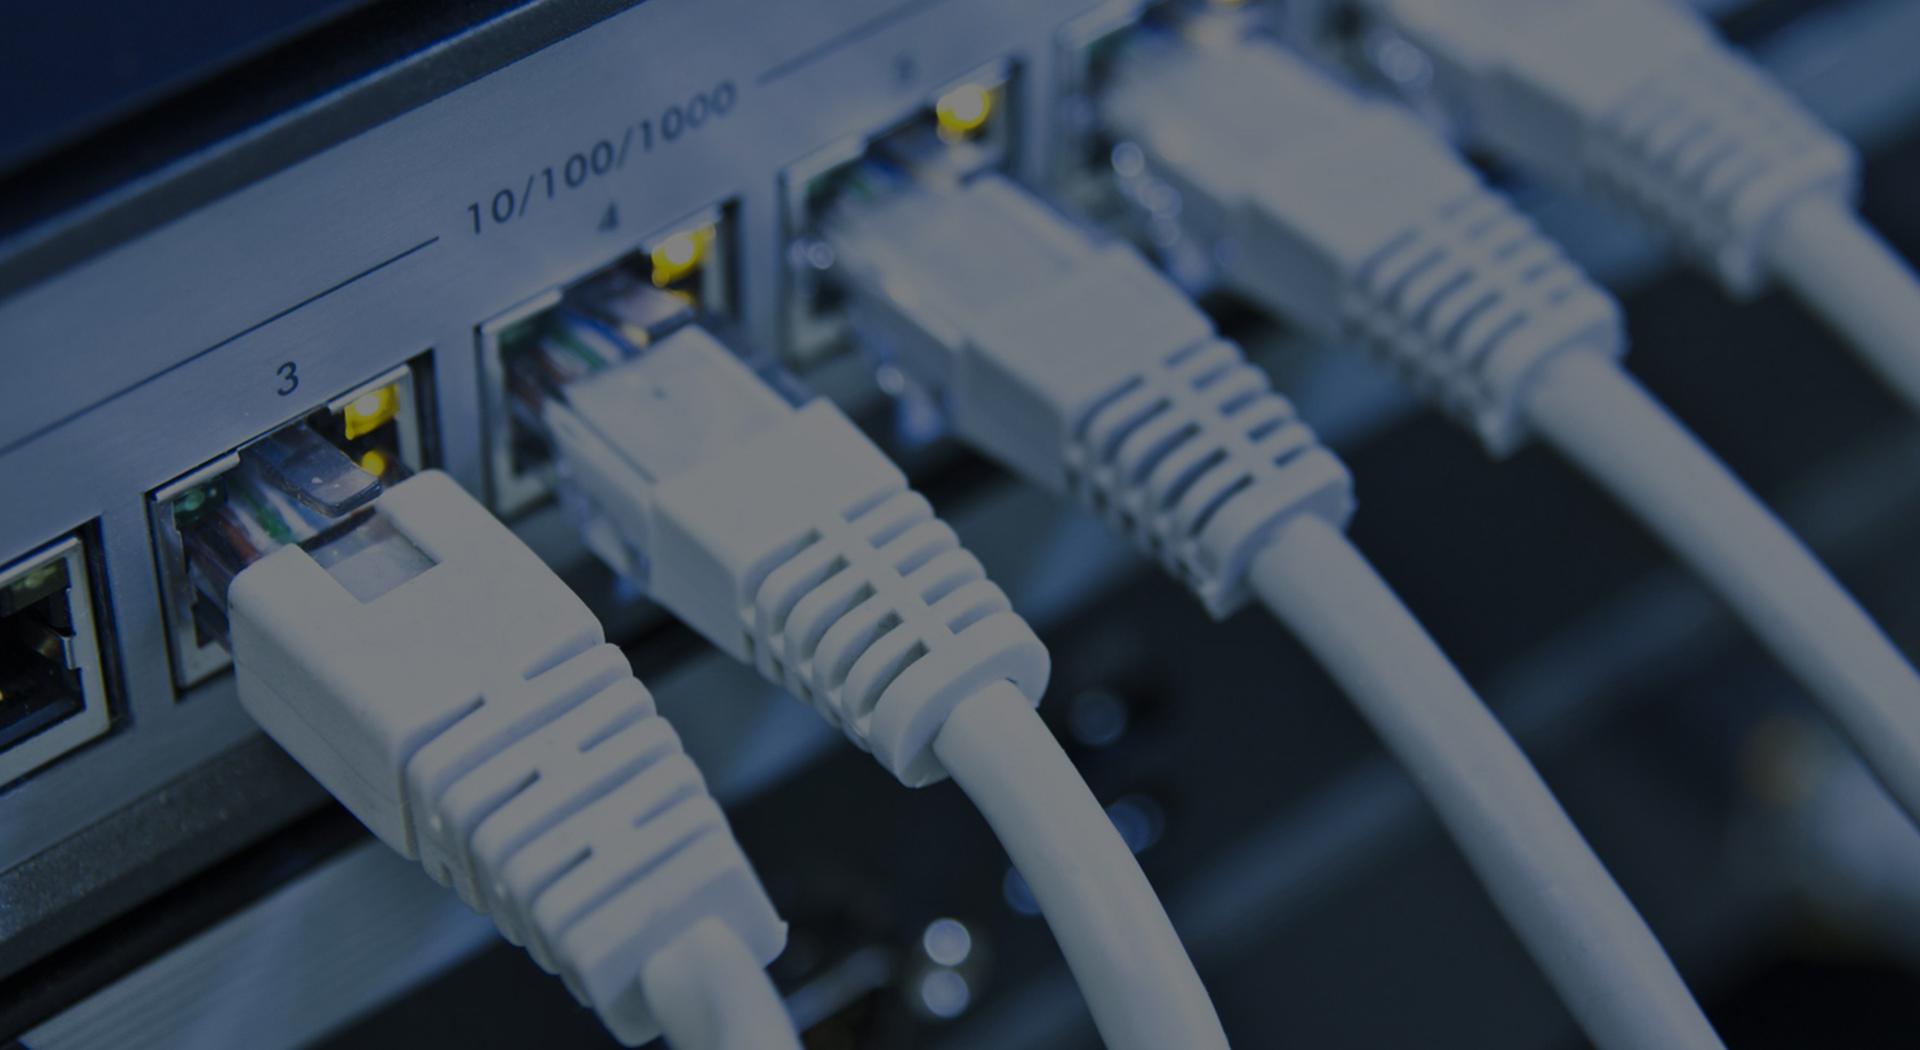 Networking per spazi abitativi e di lavoro